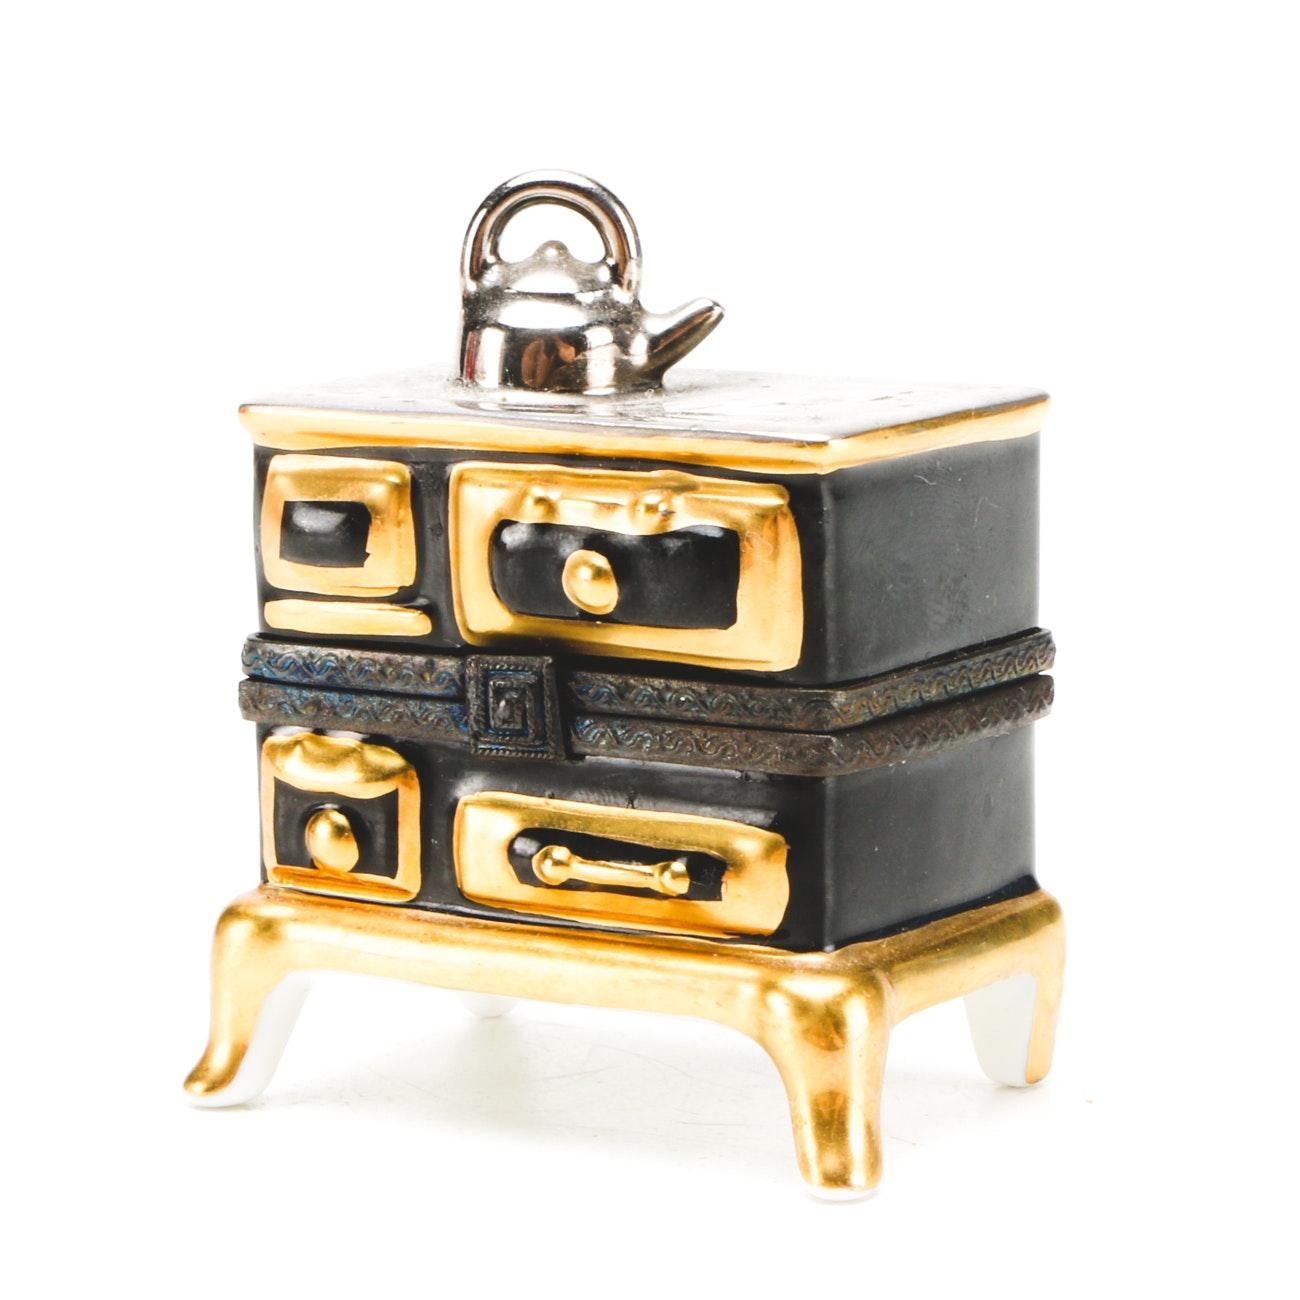 Vintage Limoges Porcelain Old Fashioned Stove Trinket Box